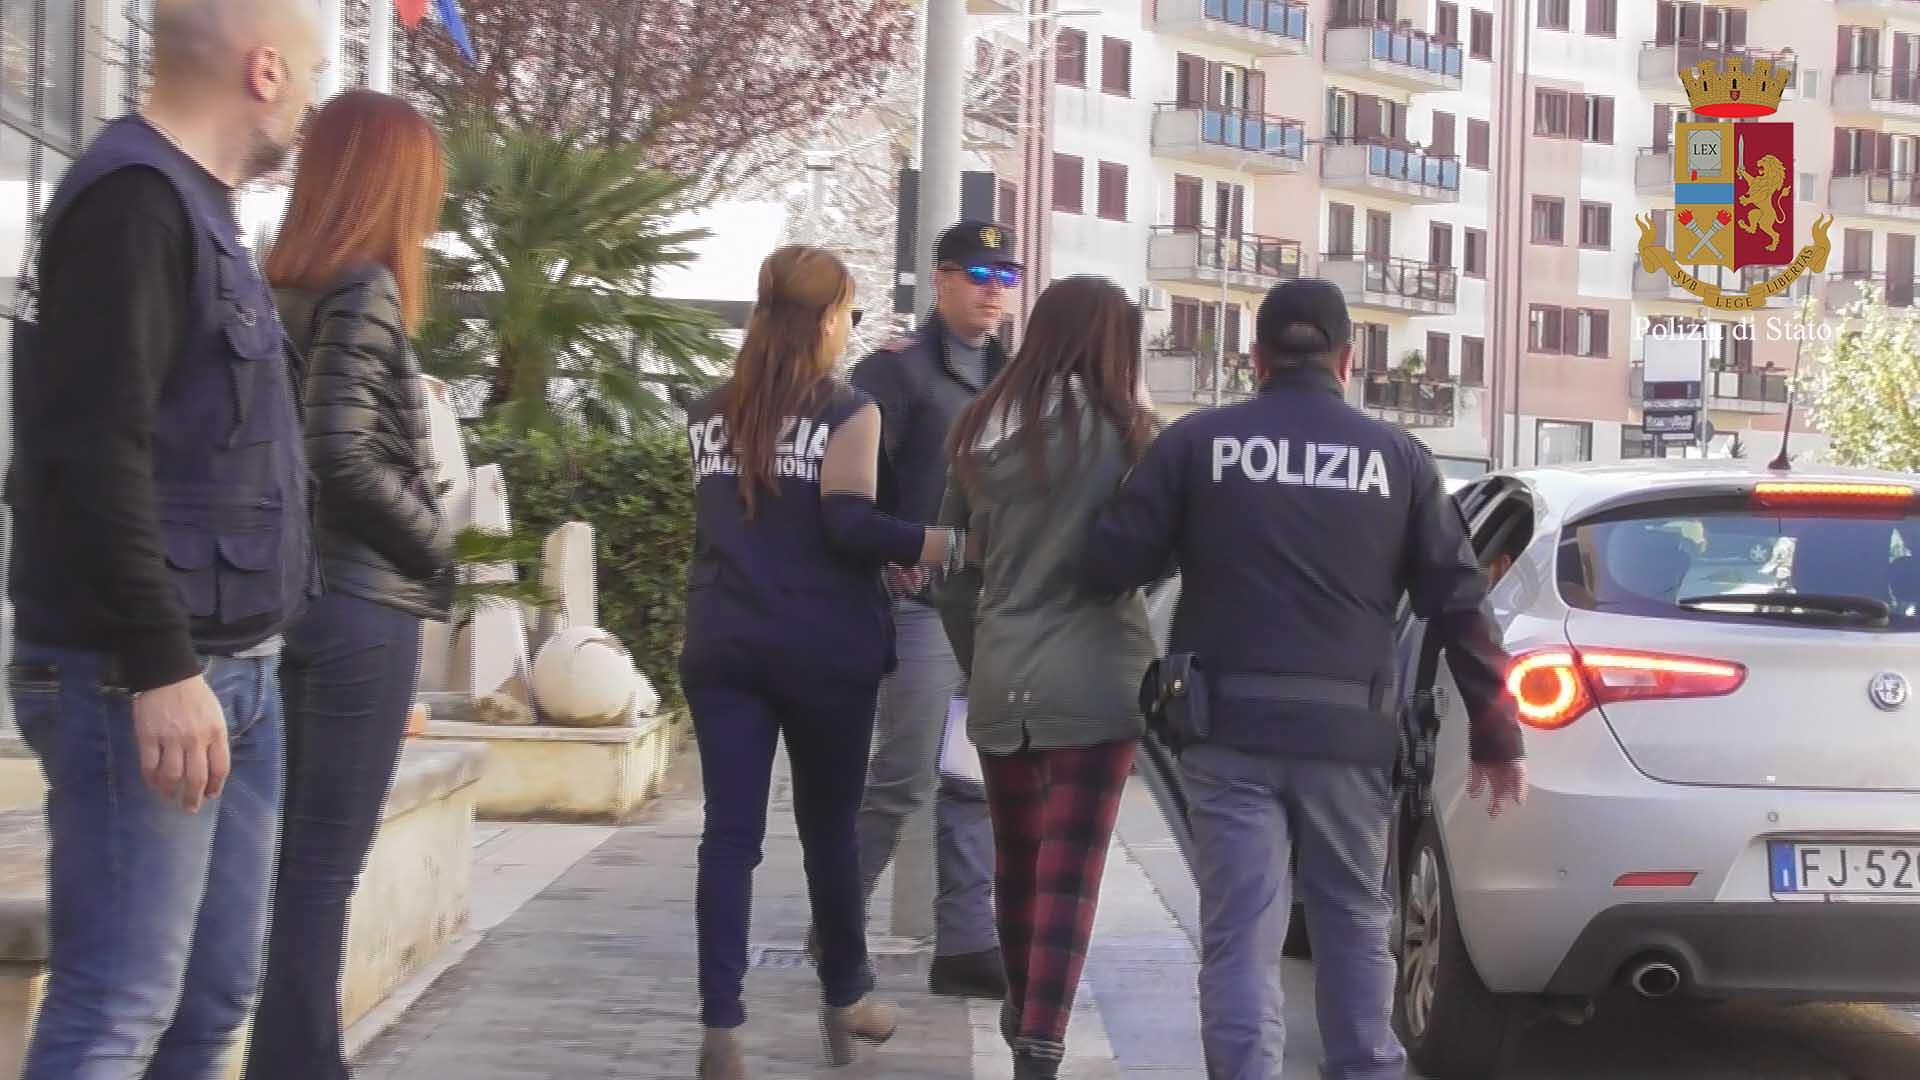 Ragusa, furto in gioielleria da 6 mila euro: polizia a casa dei tre ricercati